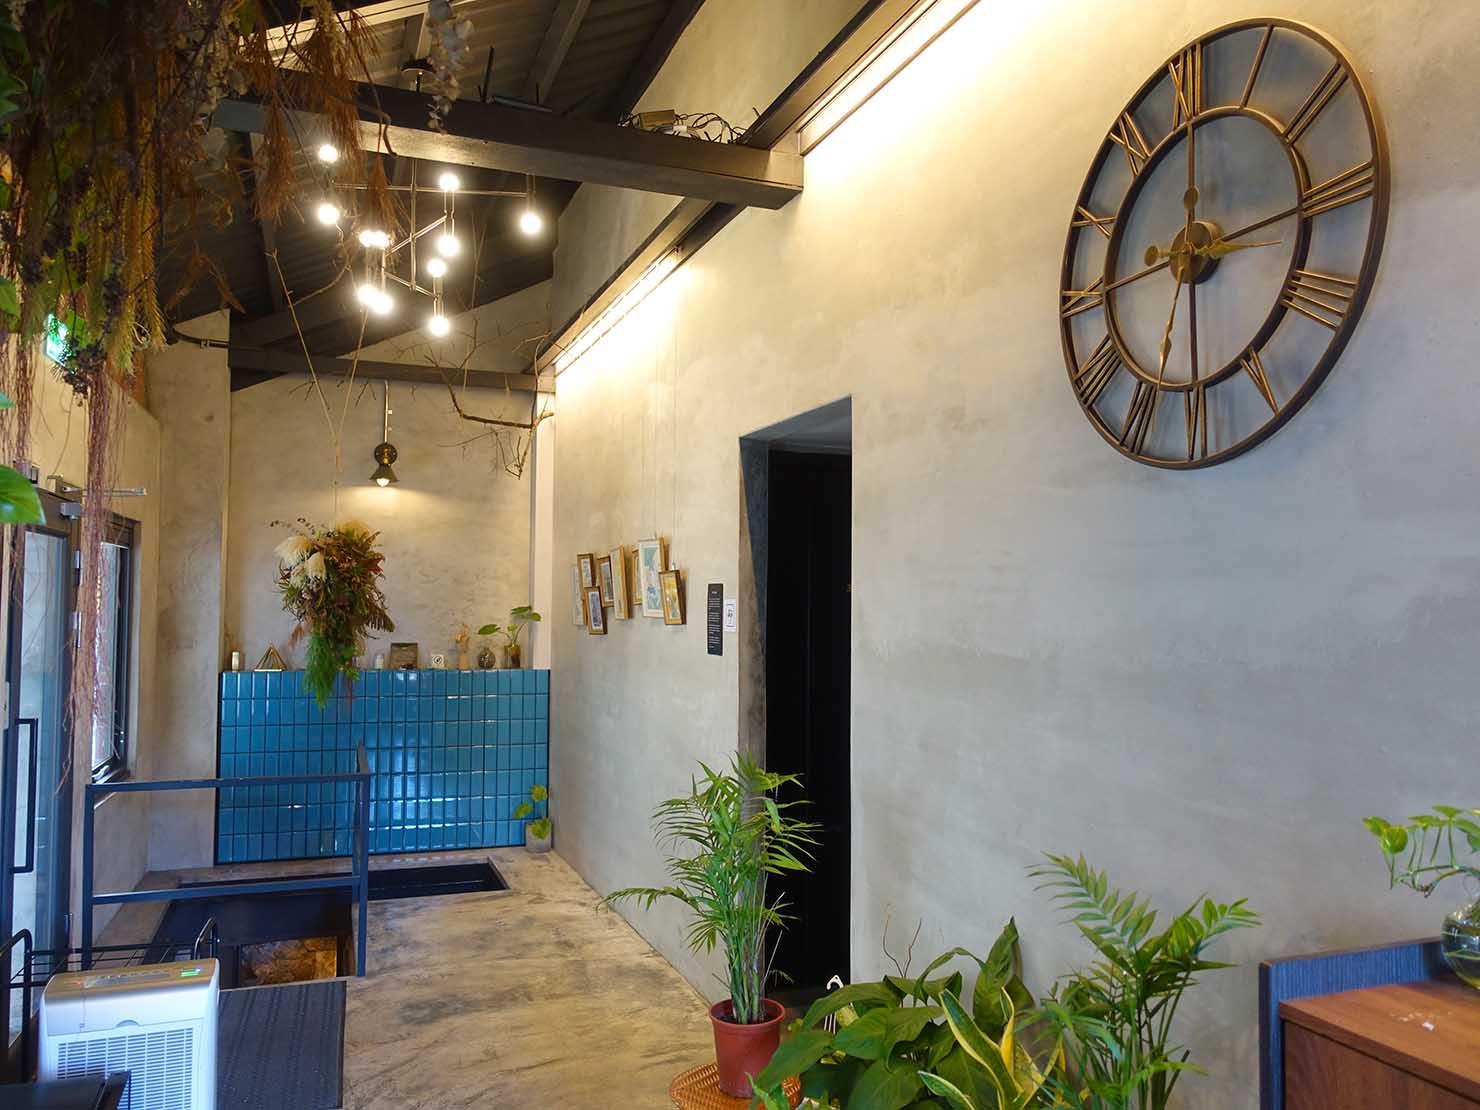 台北・九份のおしゃれなゲストハウス「九份山經」の共用スペースに掛けられた時計